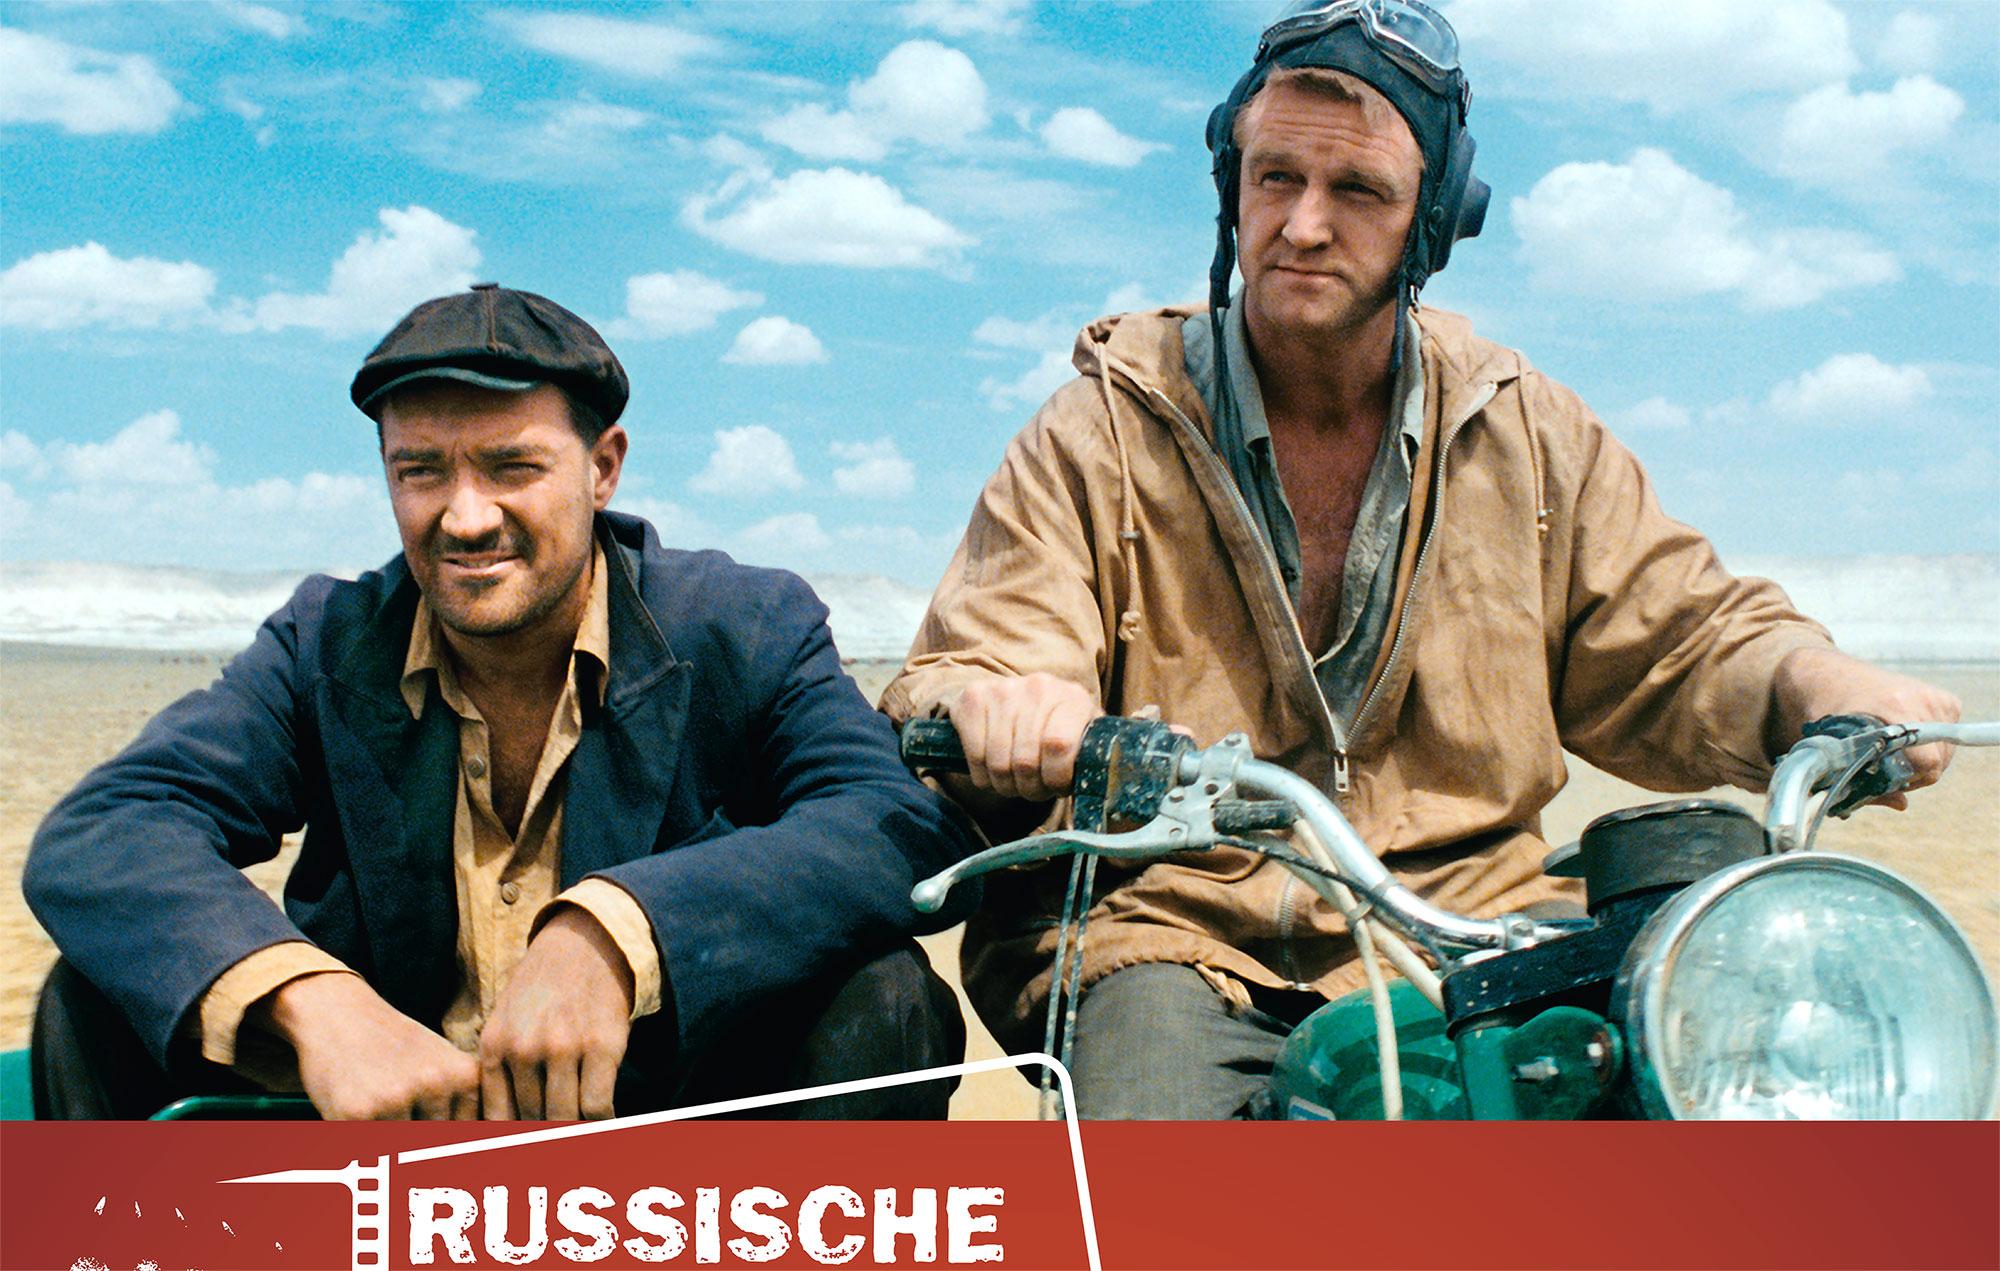 Russische_Filmwoche_20131